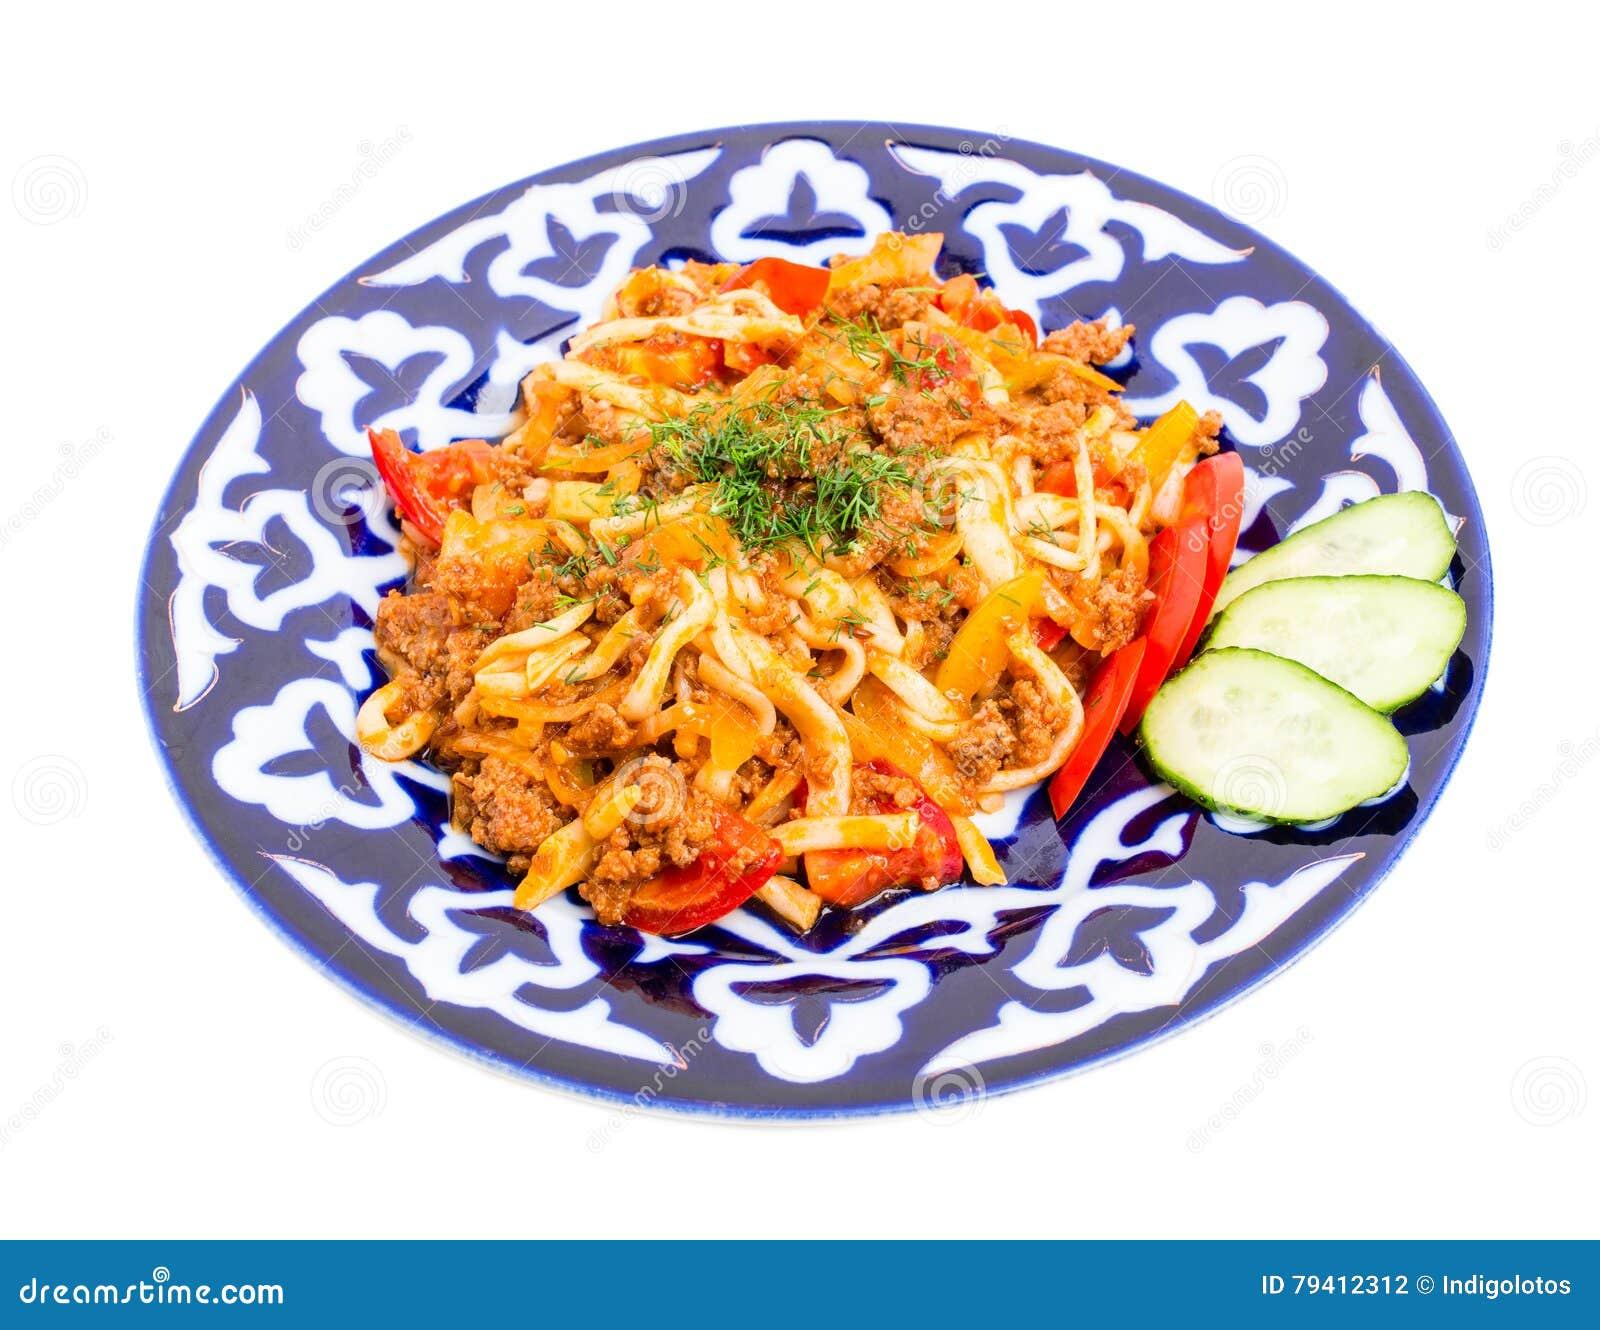 Asian noodles baked foto 758